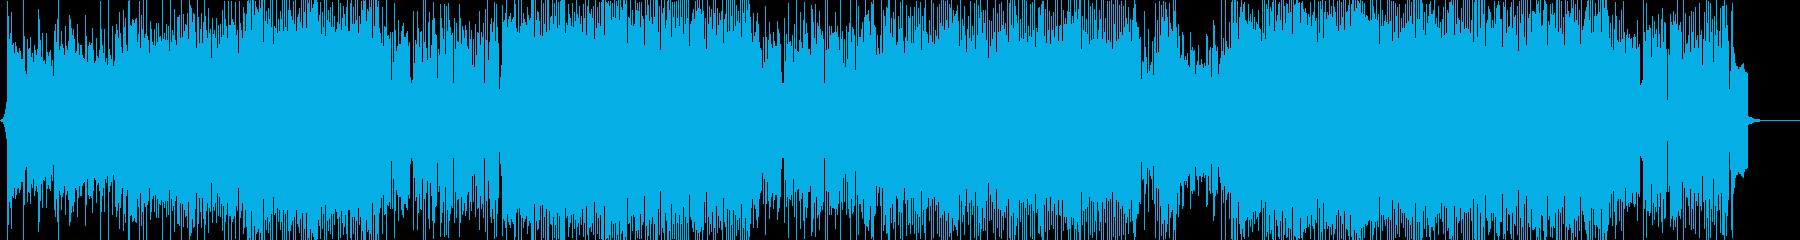 中盤あたりに出てくる敵の電子音楽の再生済みの波形